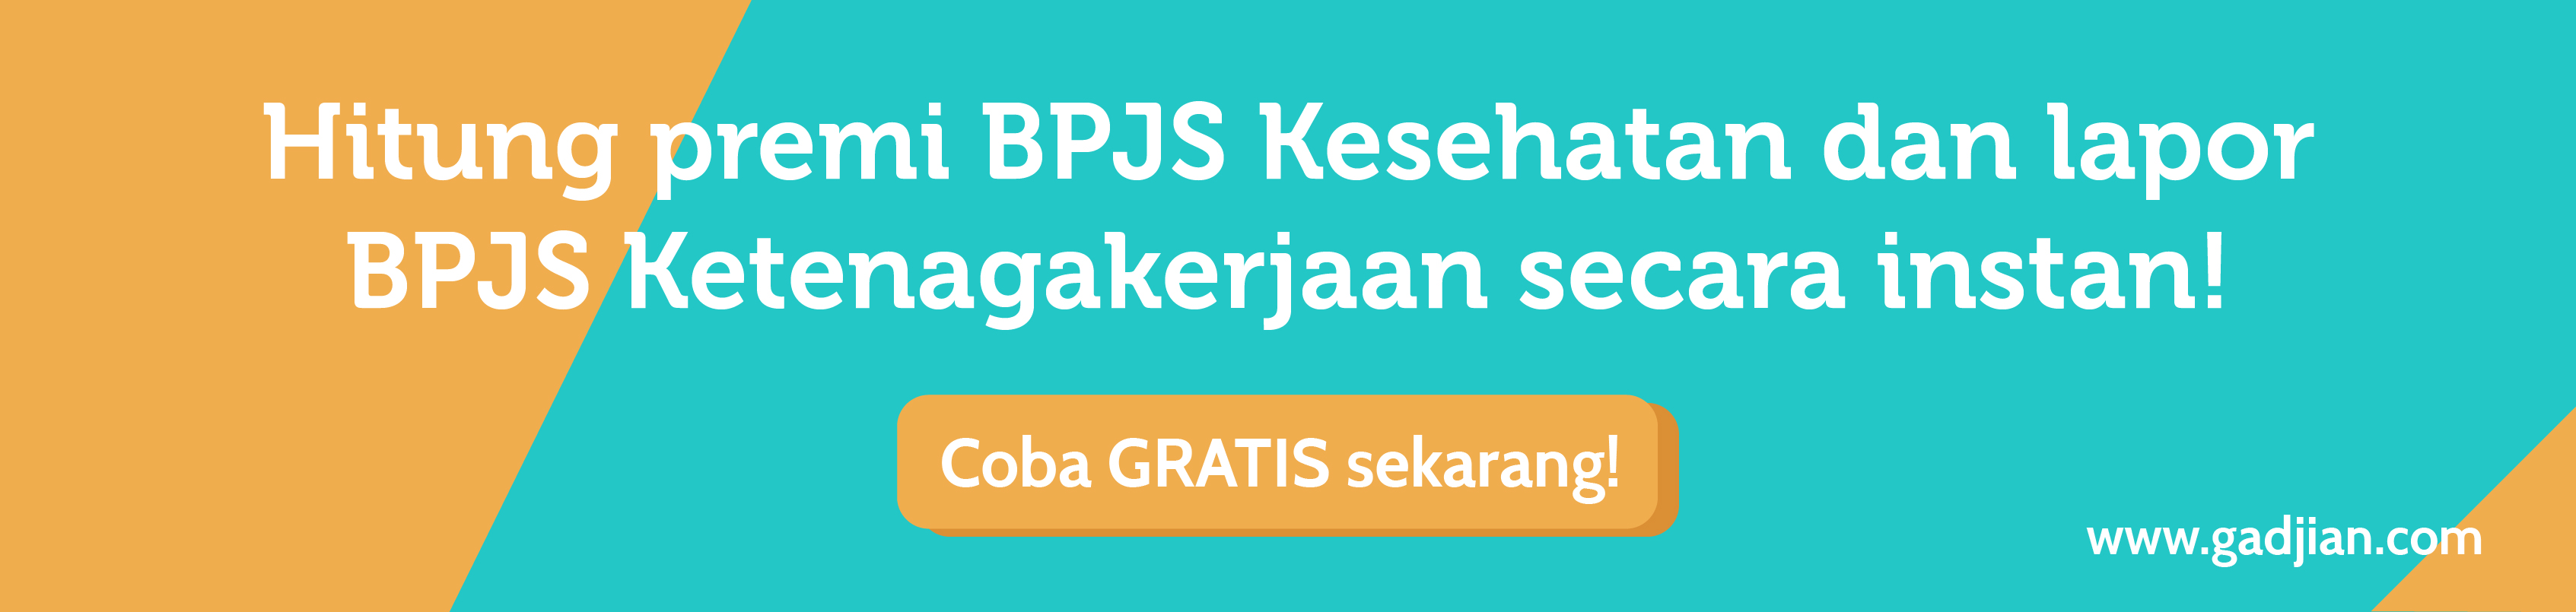 Hitung Premi BPJS Kesehatan dan lapor BPJS Ketenagakerjaan dengan Format SIPP BPJS secara Instan | Gadjian